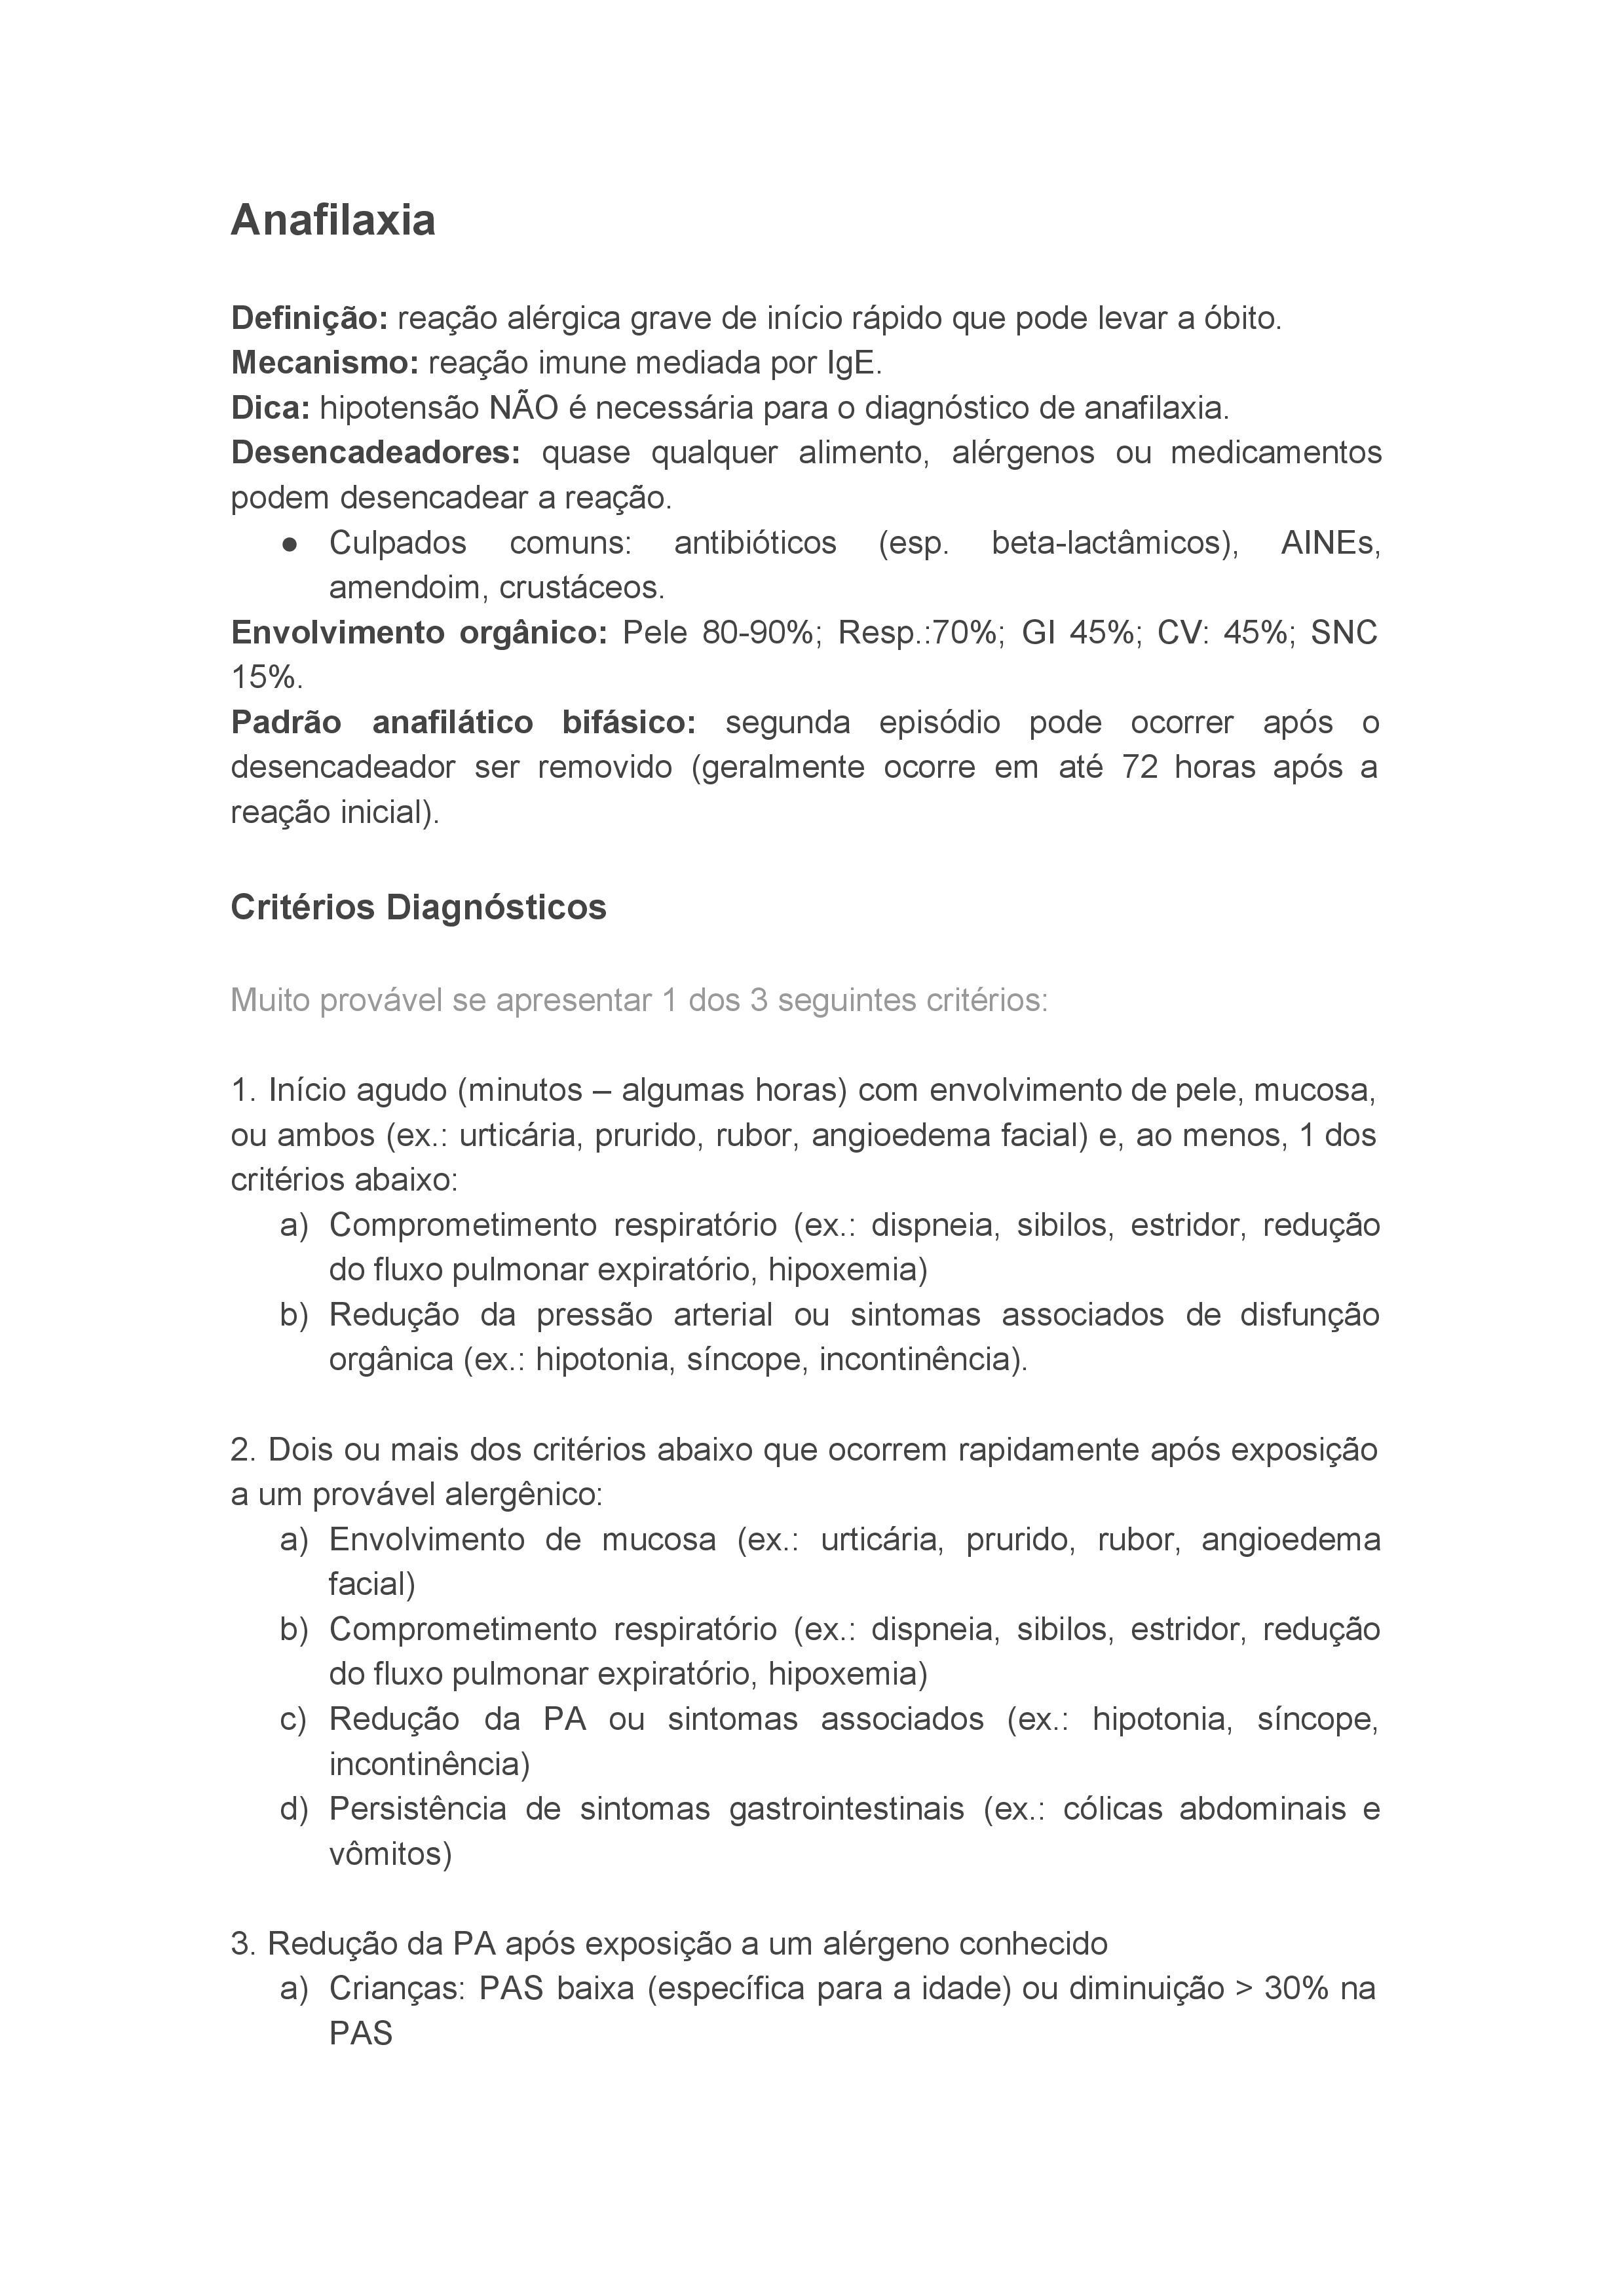 Resumo de Emergência #03 _ Anafilaxia - Diagnóstico e Manejo-page-001